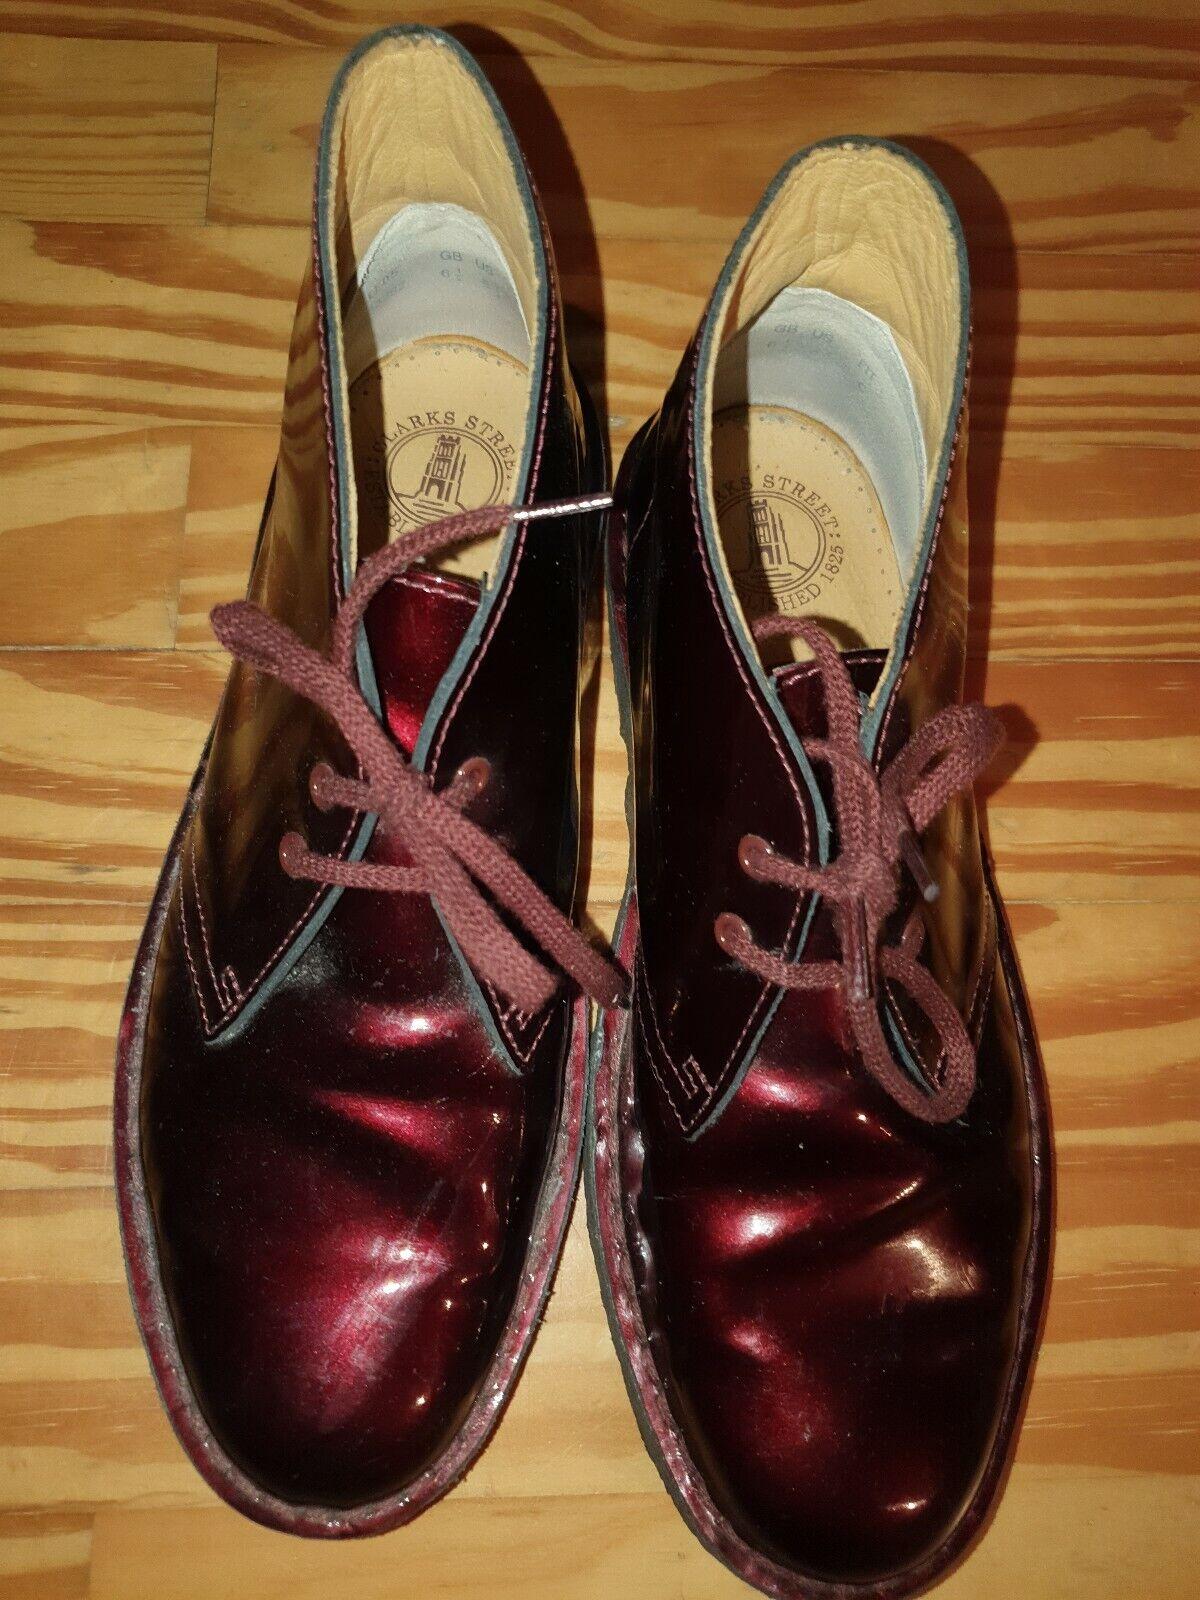 Clarks Originals Desert bottes Loisirs bottes cuir verni Taille 40 rouge foncé